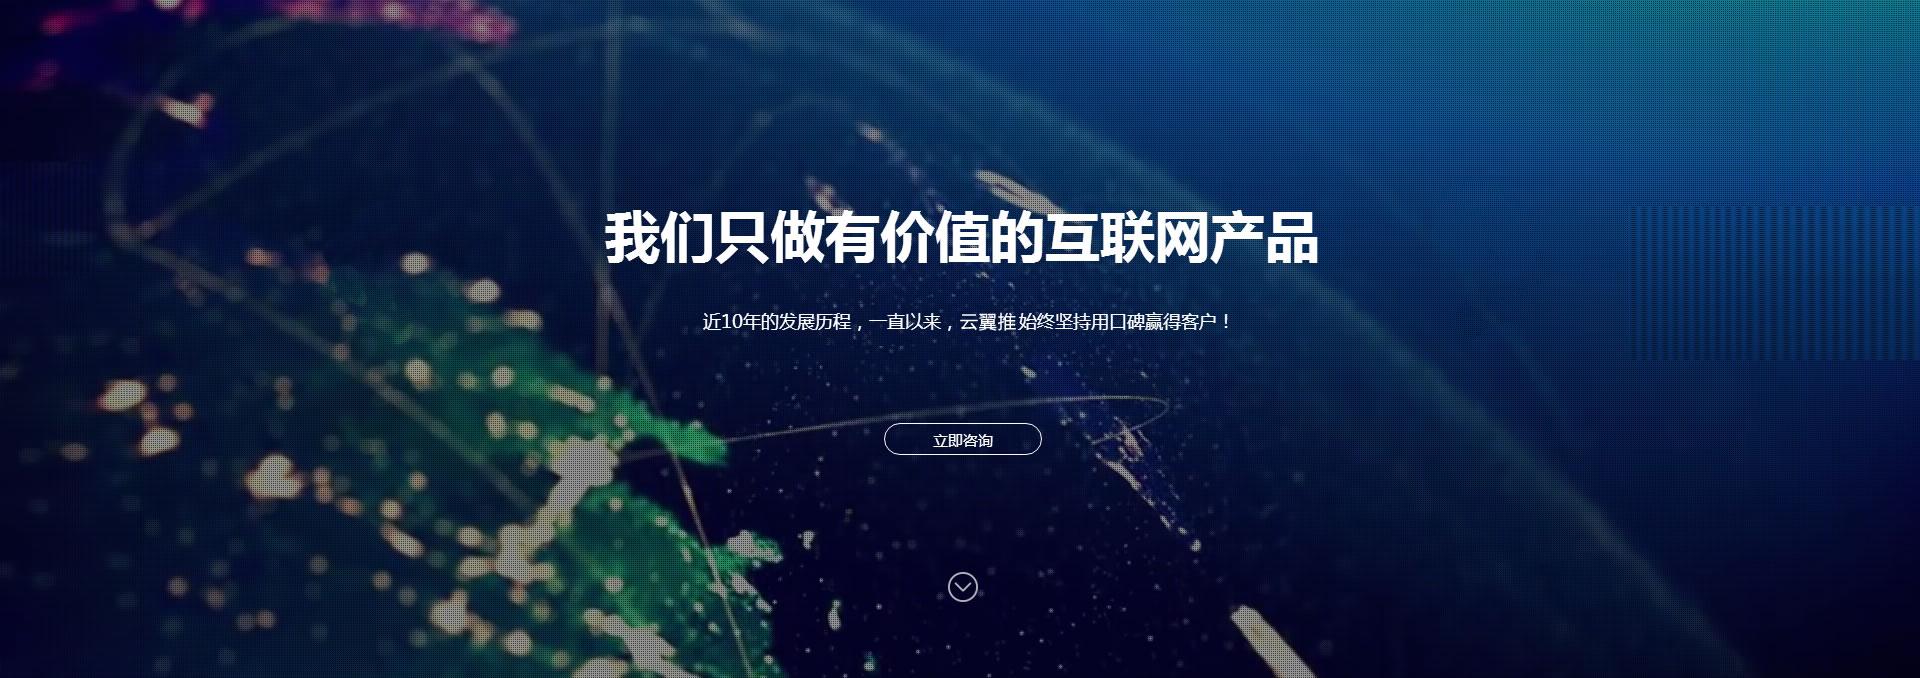 咸阳网络公司联系方式